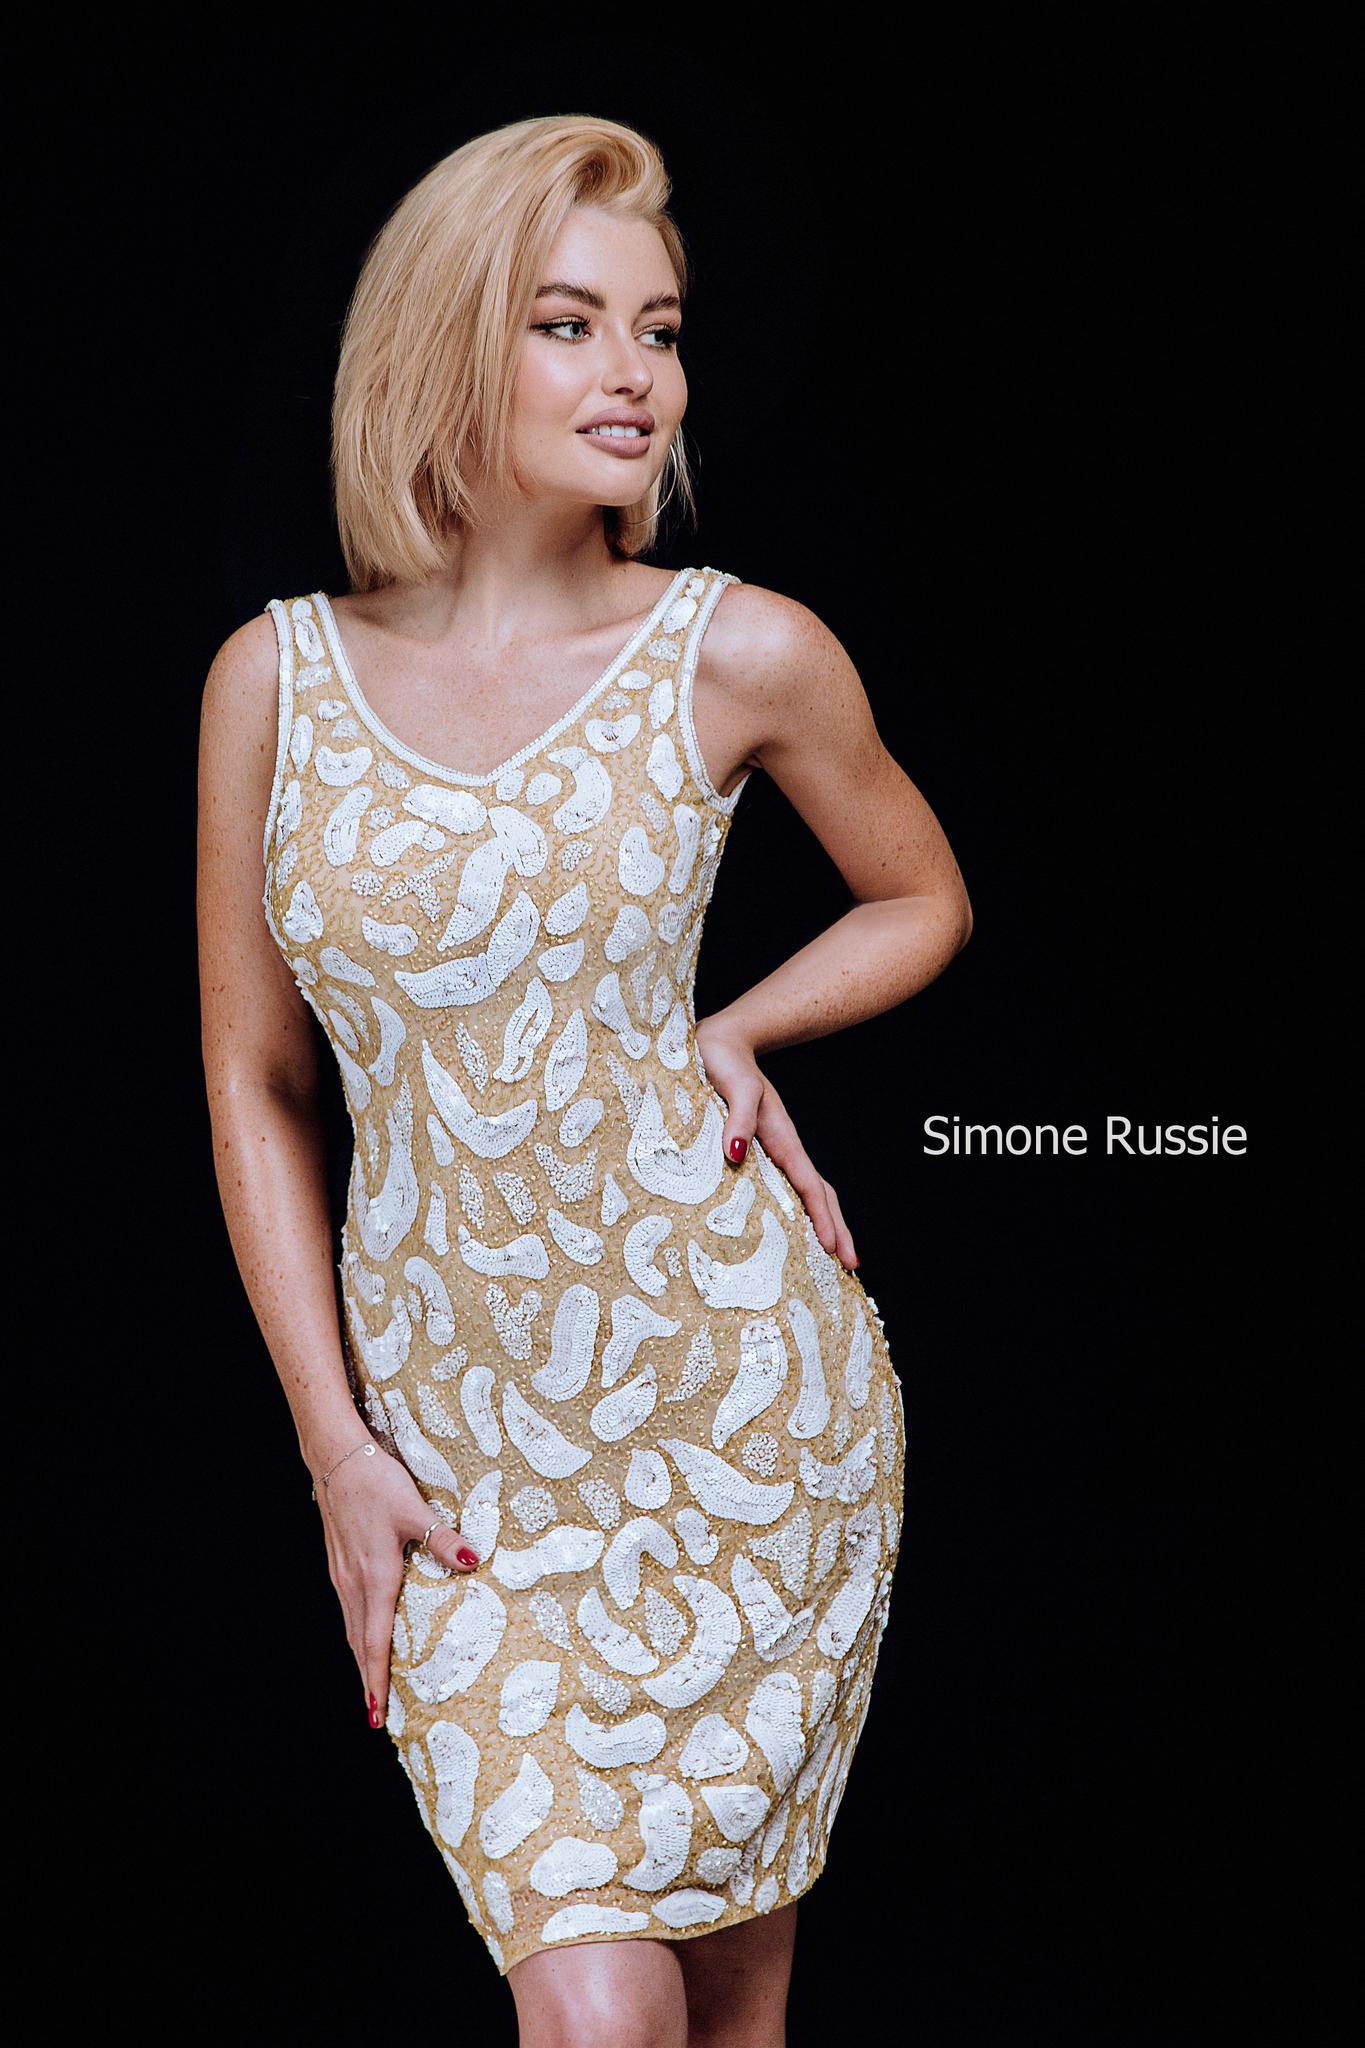 Simone Russie SR1950 Коктейльное платье средней длины с ручной вышивкой